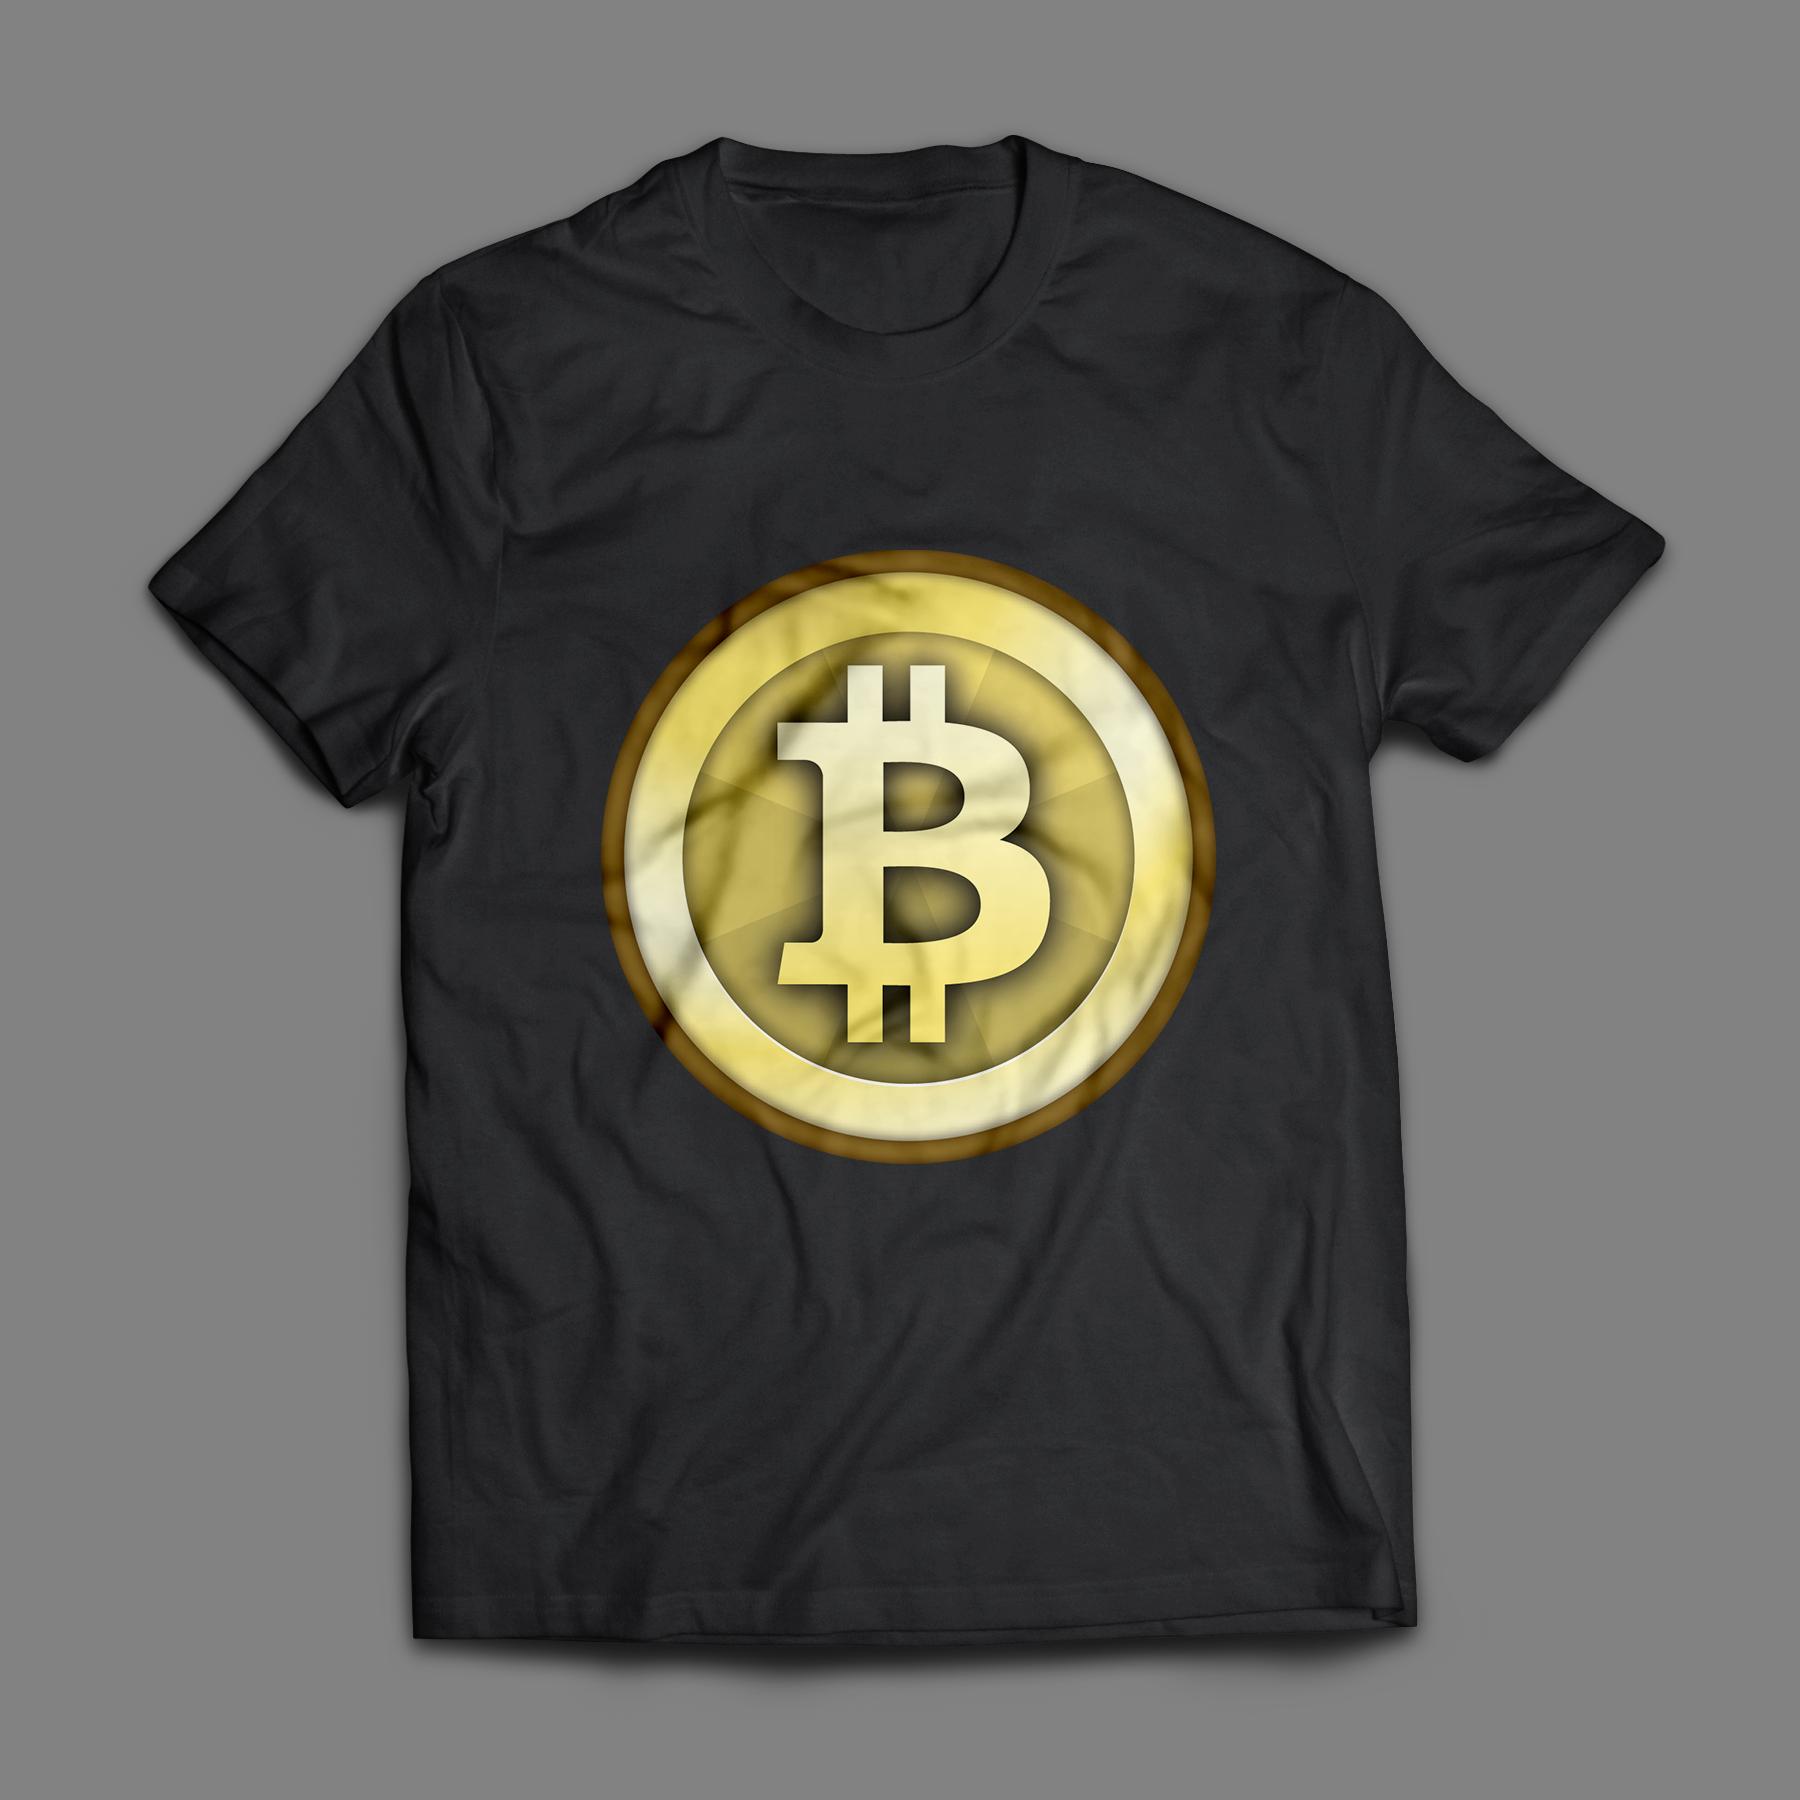 t-shirt-bitcoin-01-black